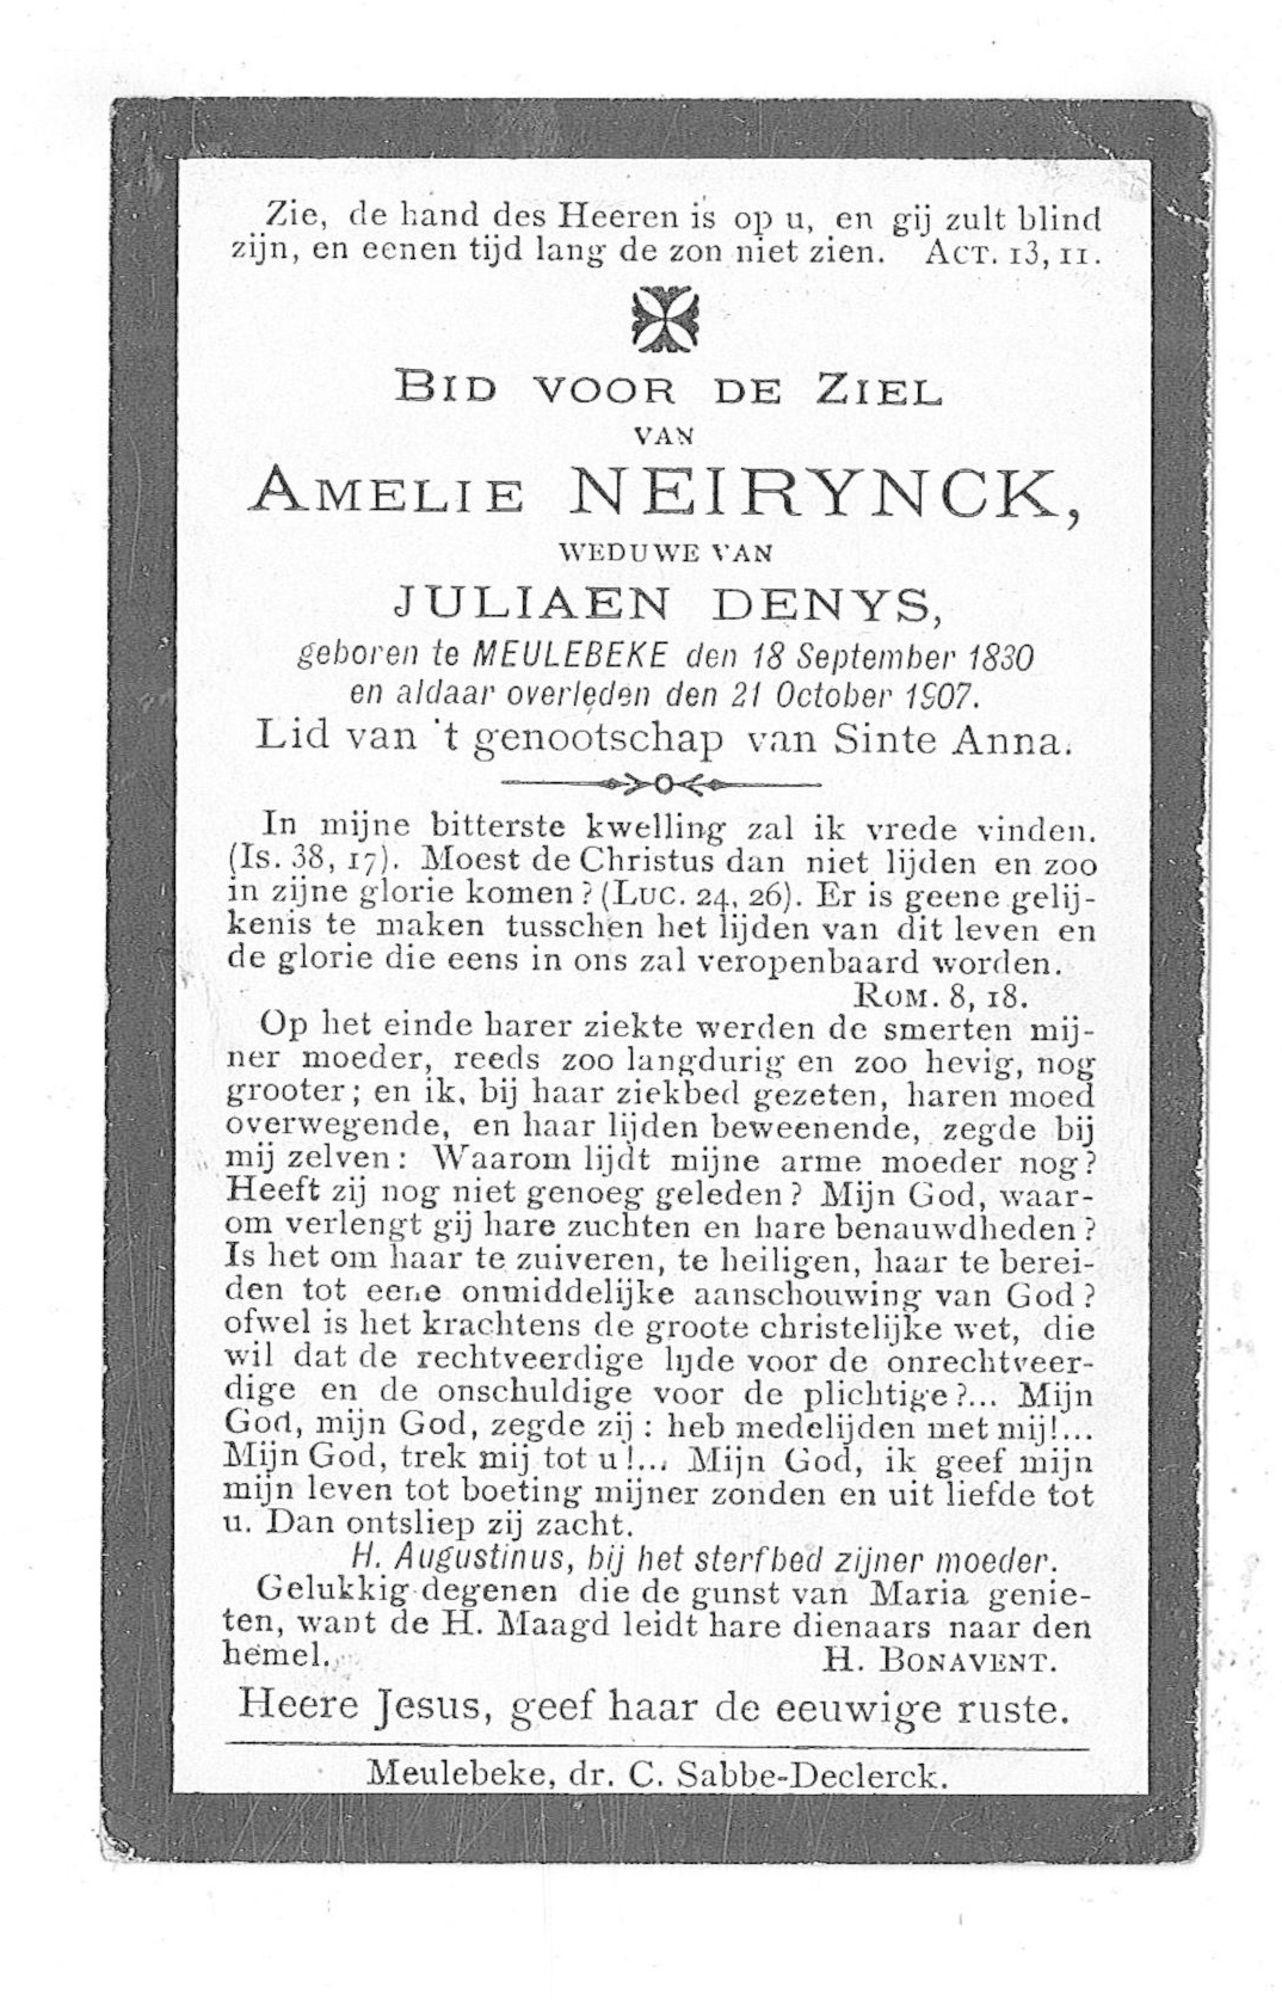 Amelie Neirynck